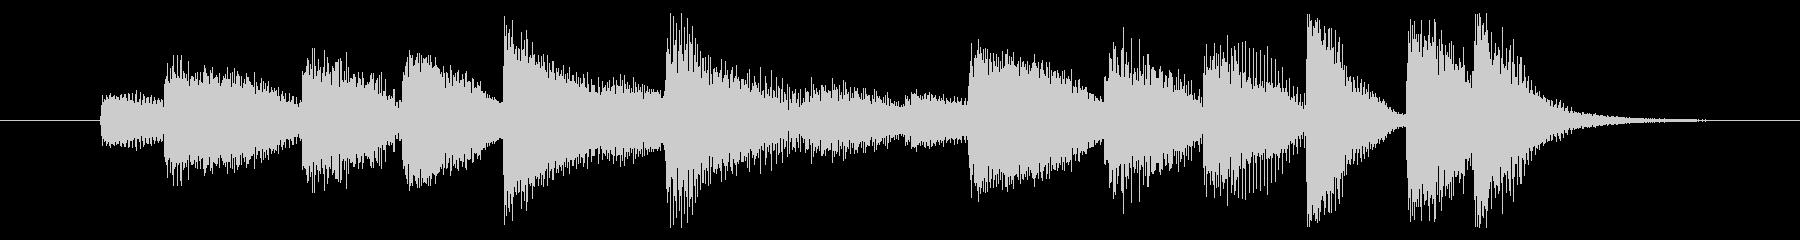 前向きな勢いを感じるピアノジングル 6秒の未再生の波形